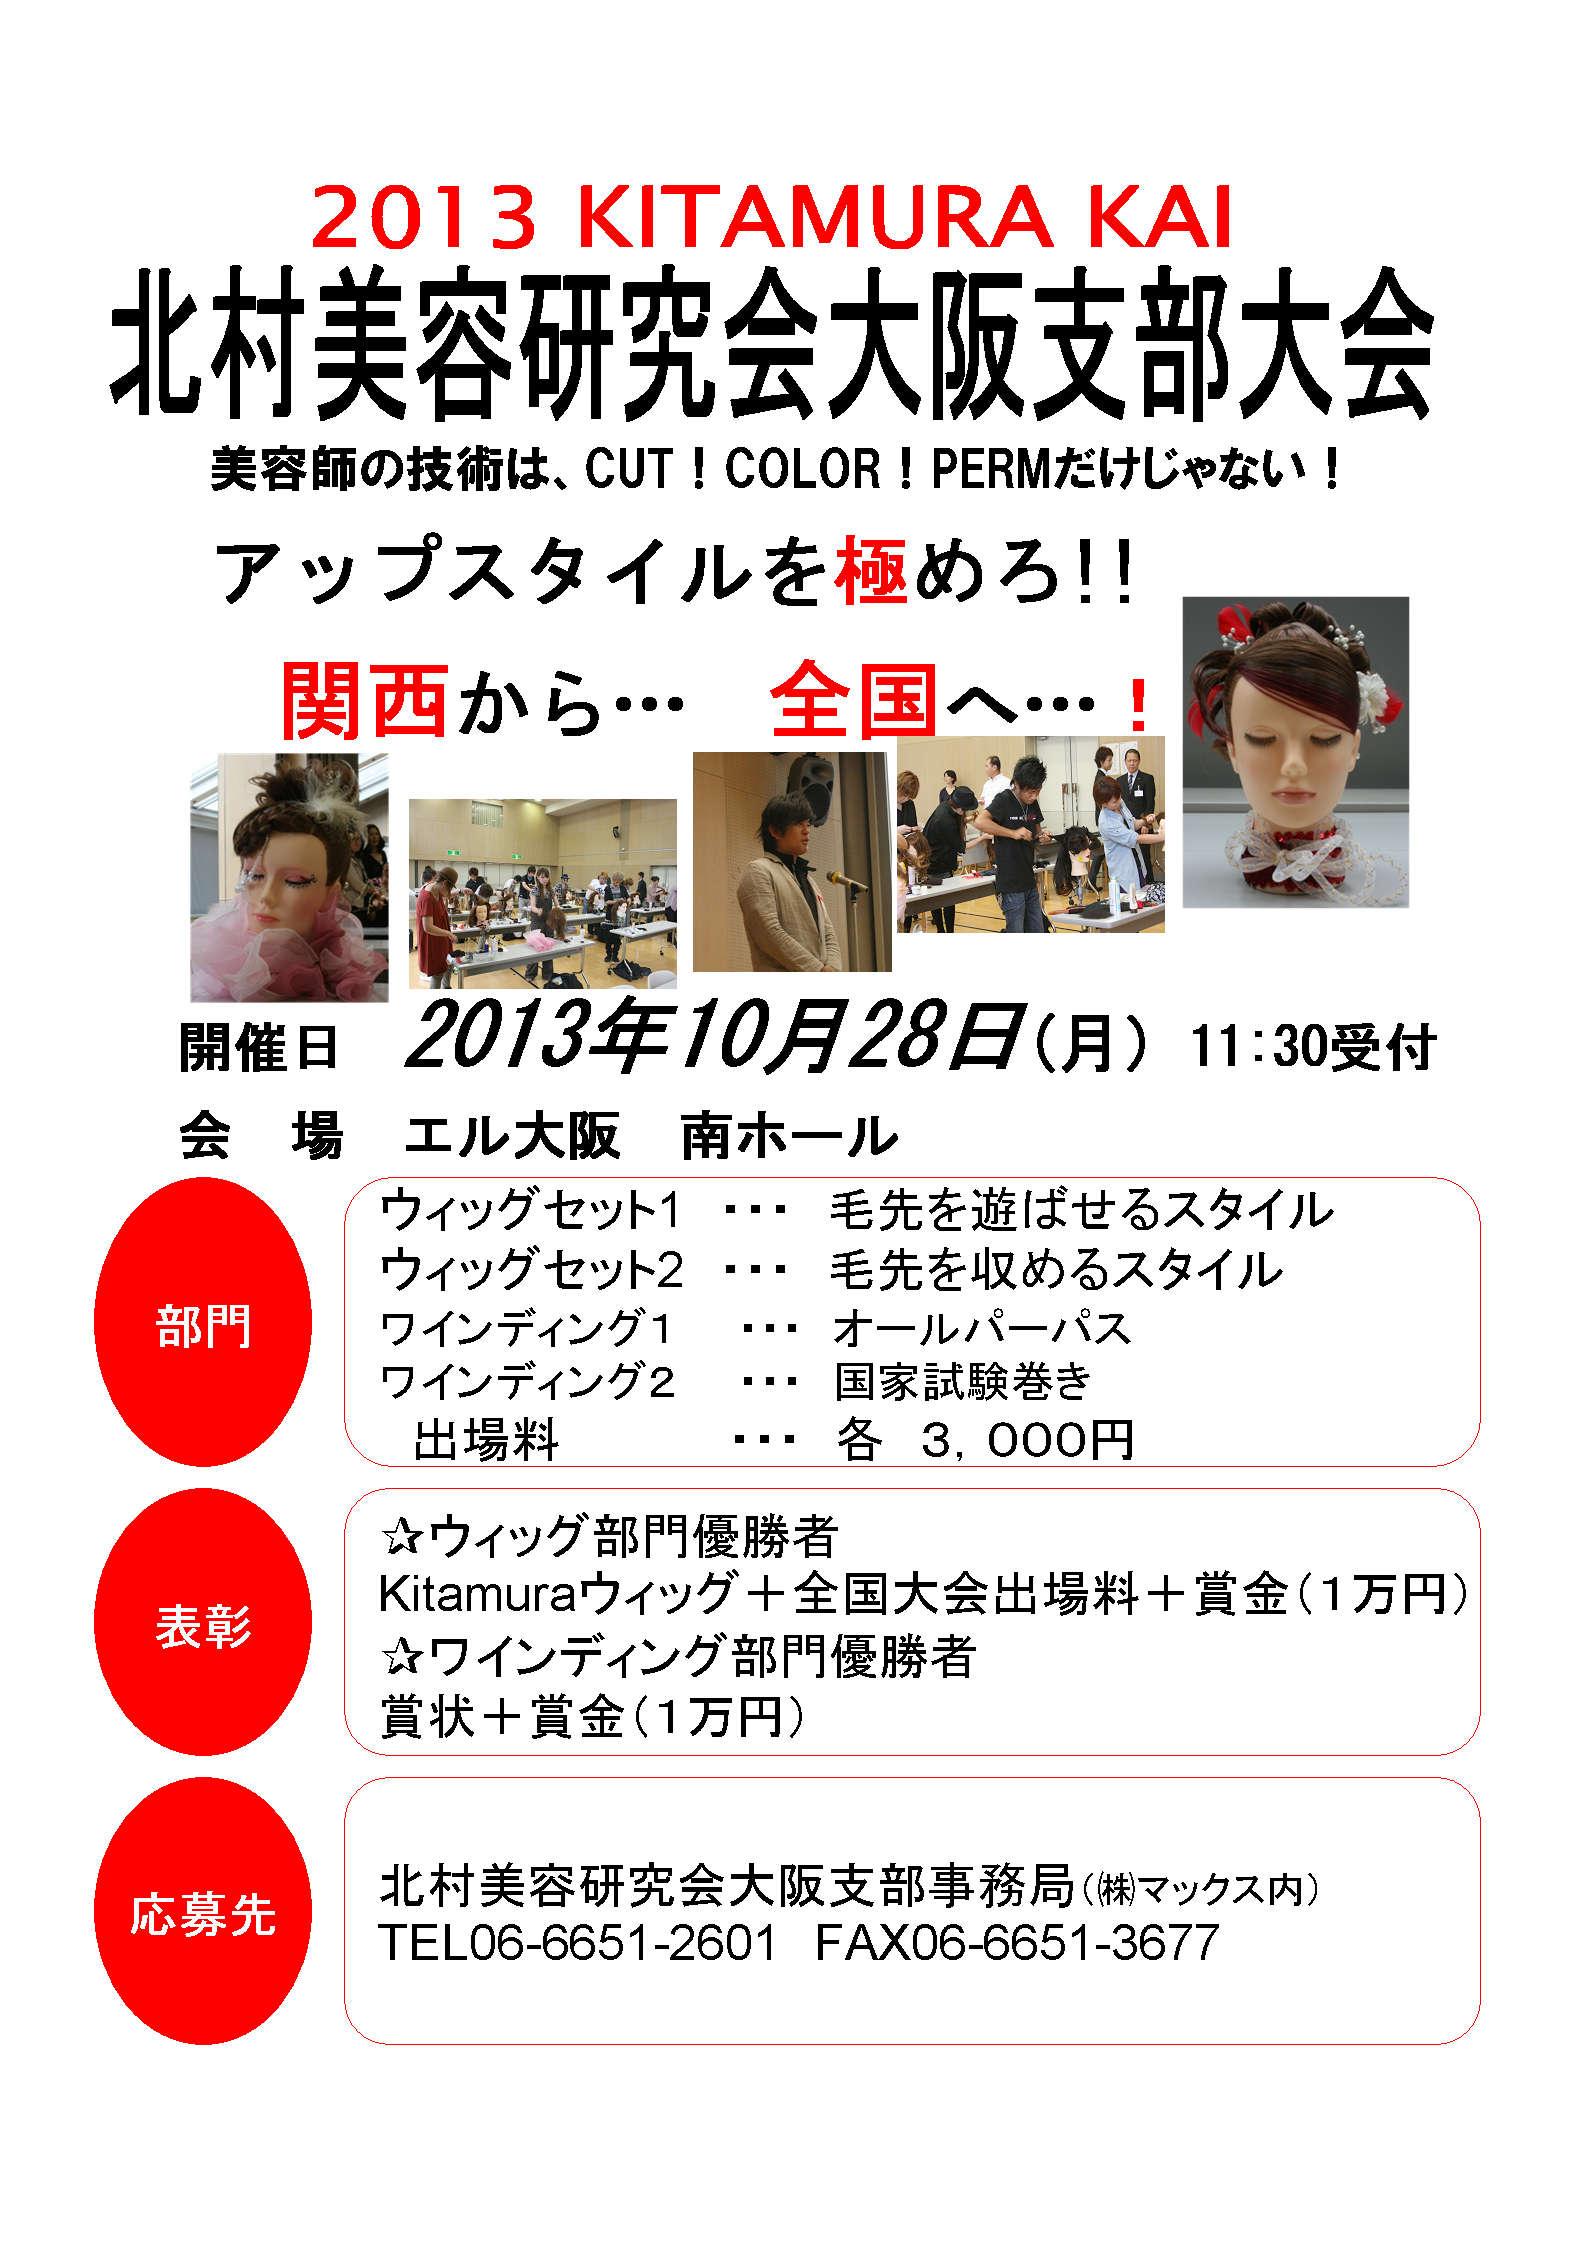 北村会大阪大会③2013001